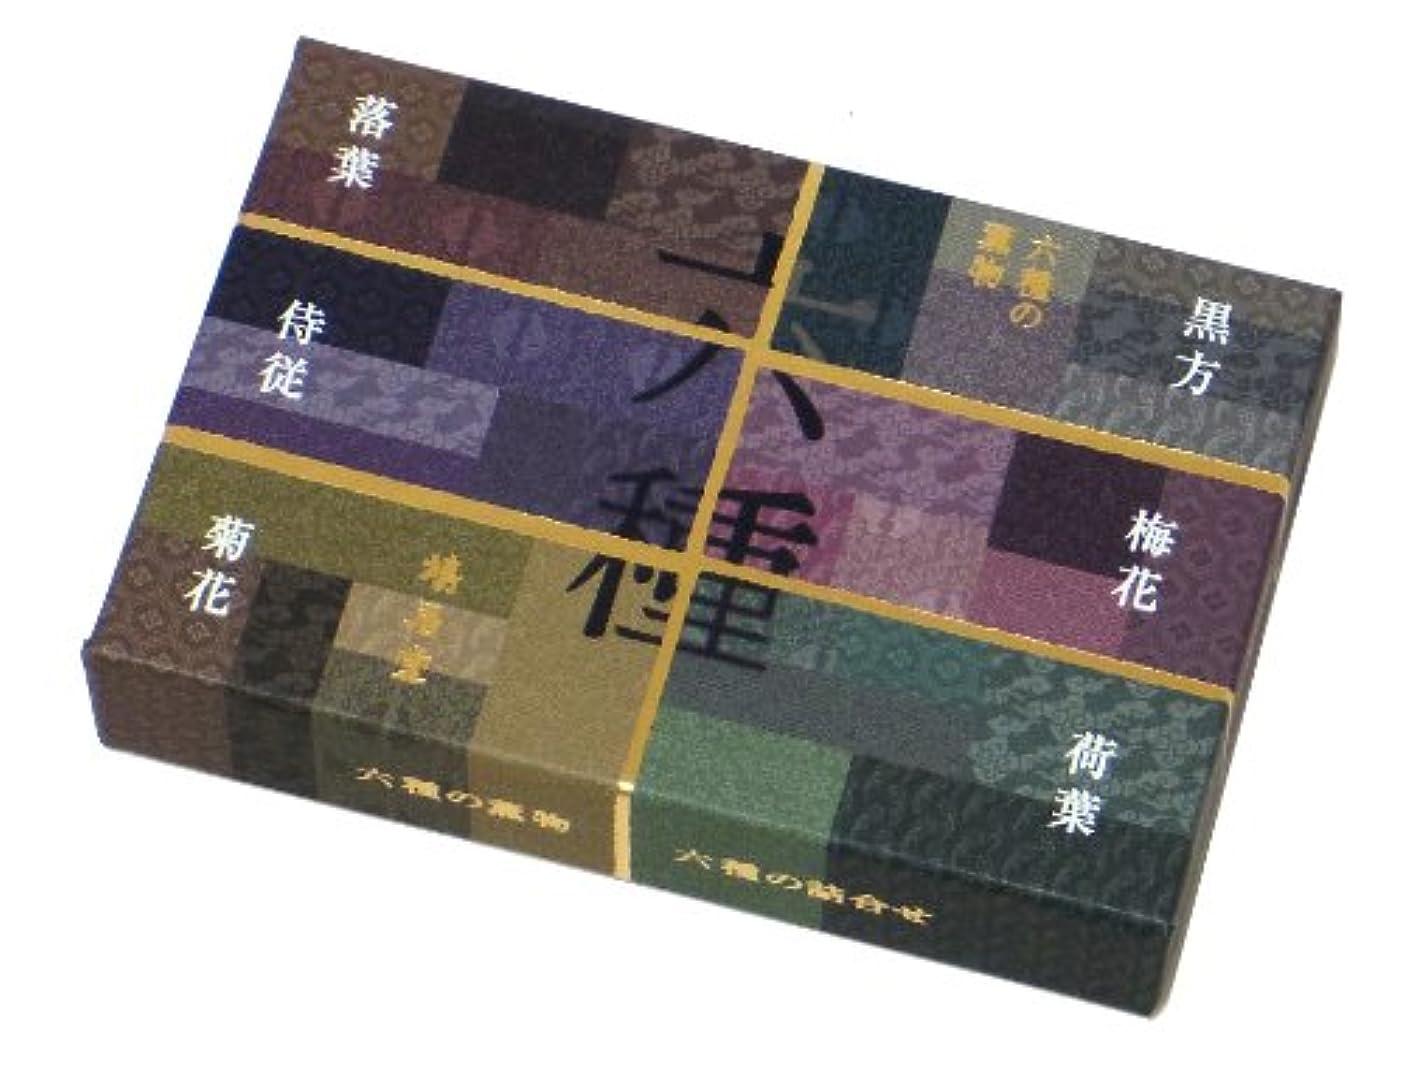 パックペン談話鳩居堂のお香 六種の薫物6種セット 6種類各5本入 6cm 香立入